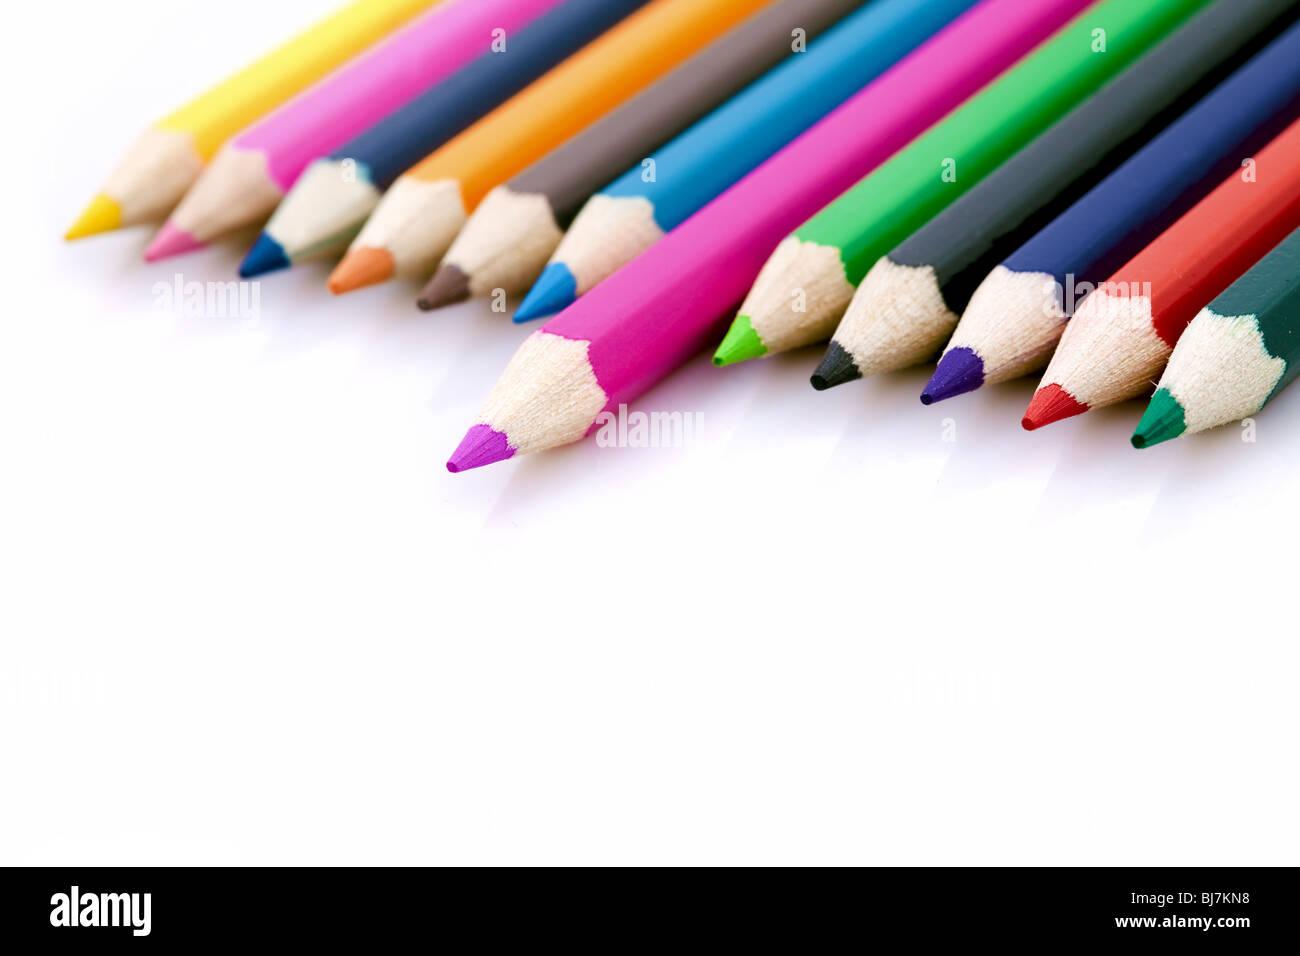 Gewinner oder Erfolg Metapher mit bunten Stiften Stockbild